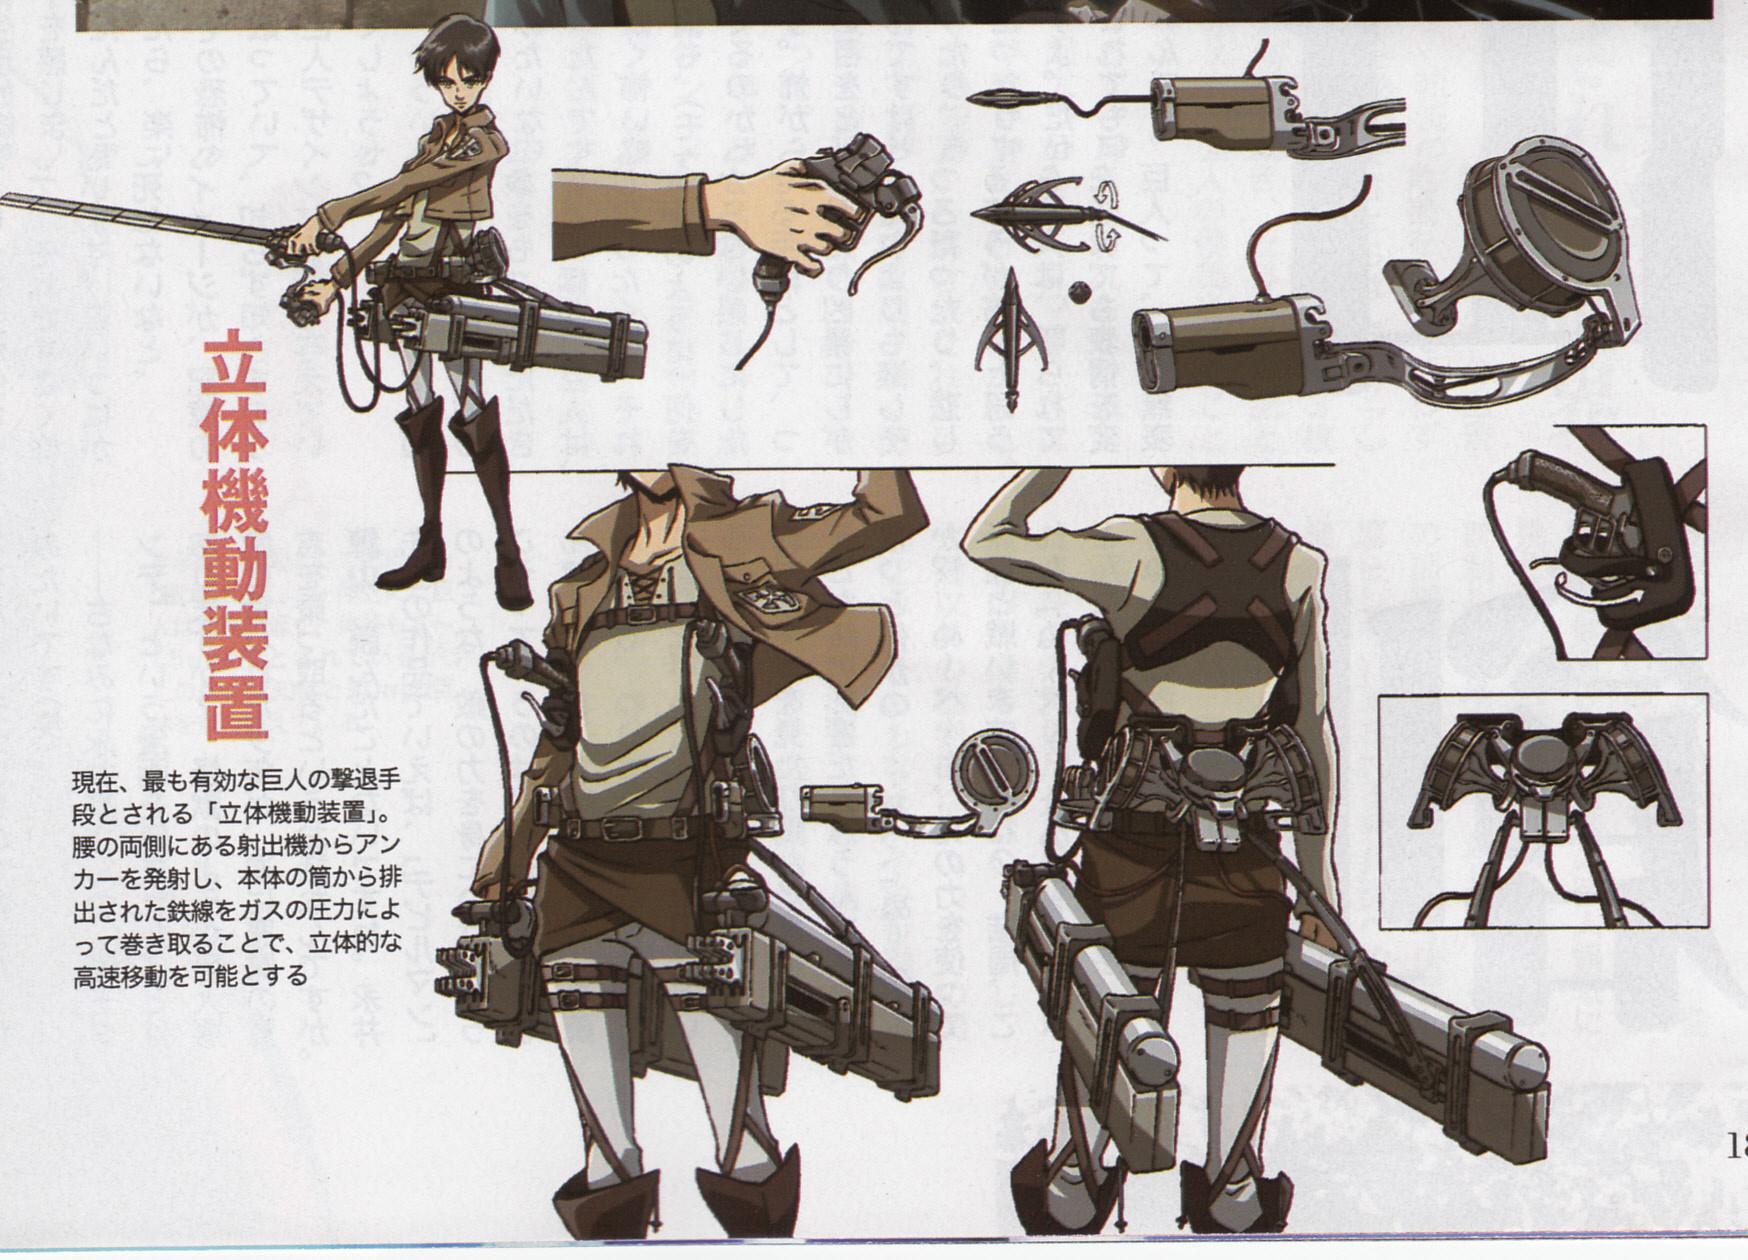 Attack on Tita 3D Maneuver Gear